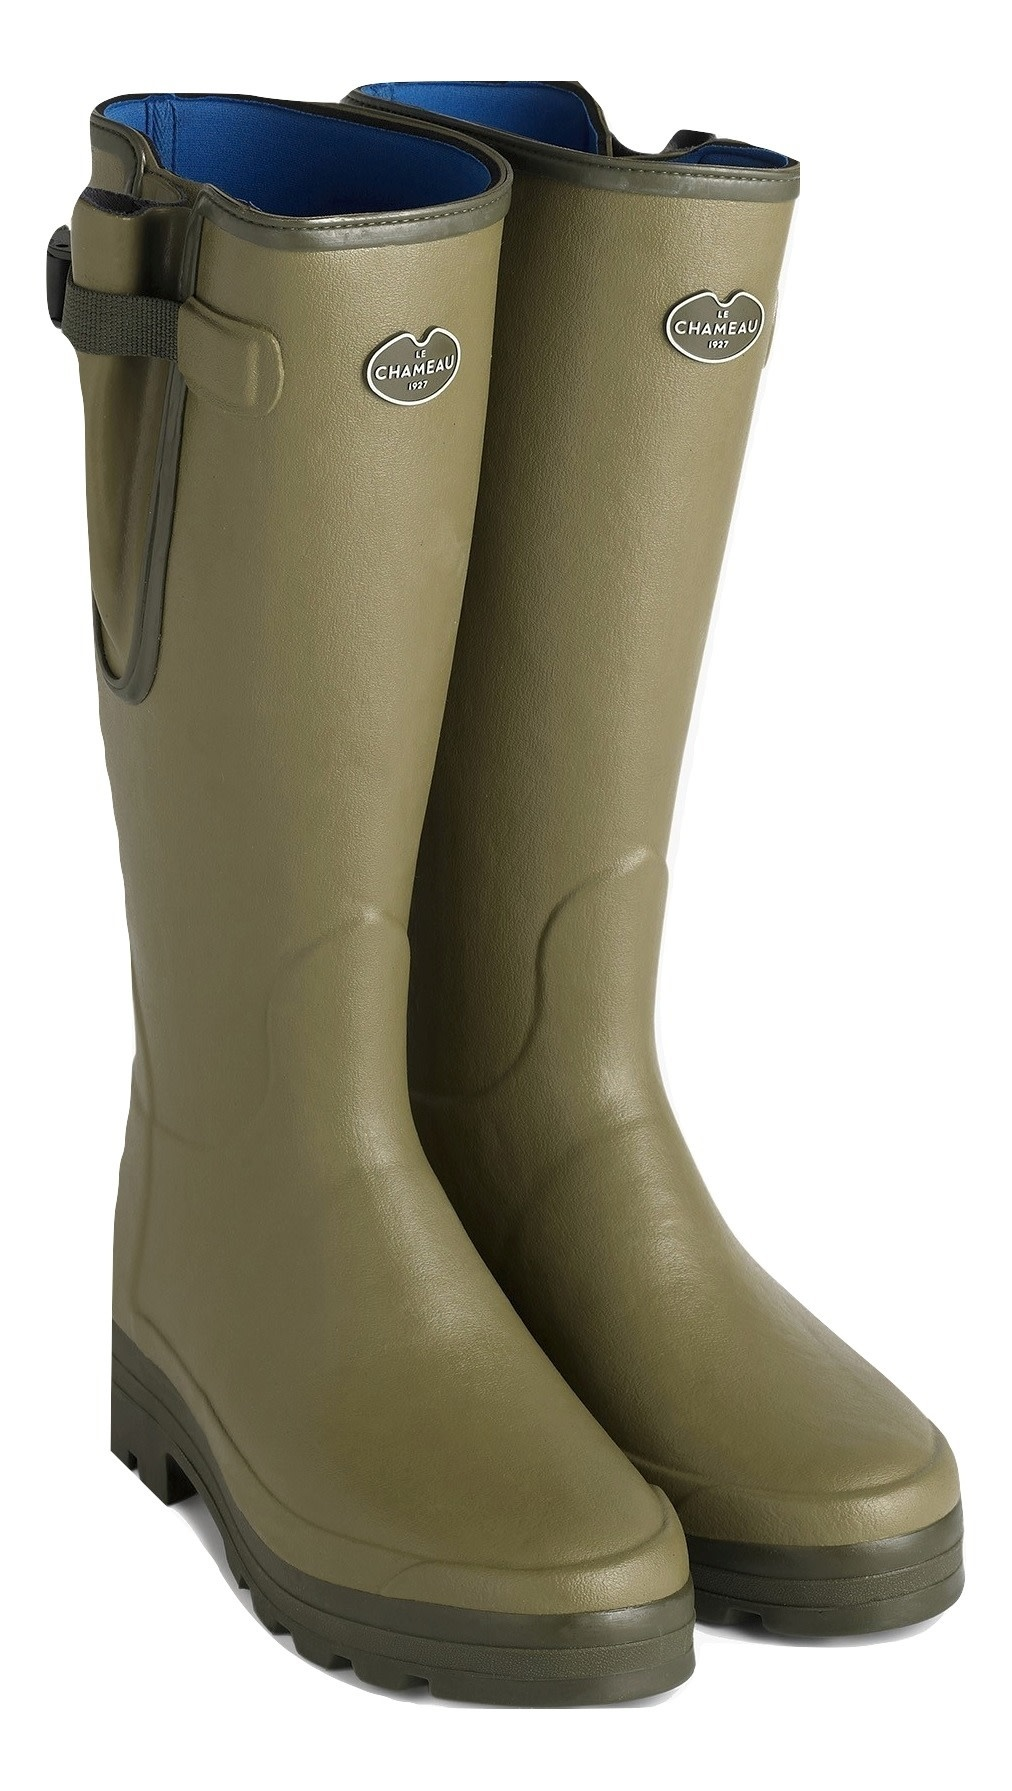 Le Chameau Men's Vierzonord Neoprene Lined Boot Vert Vierzon-1